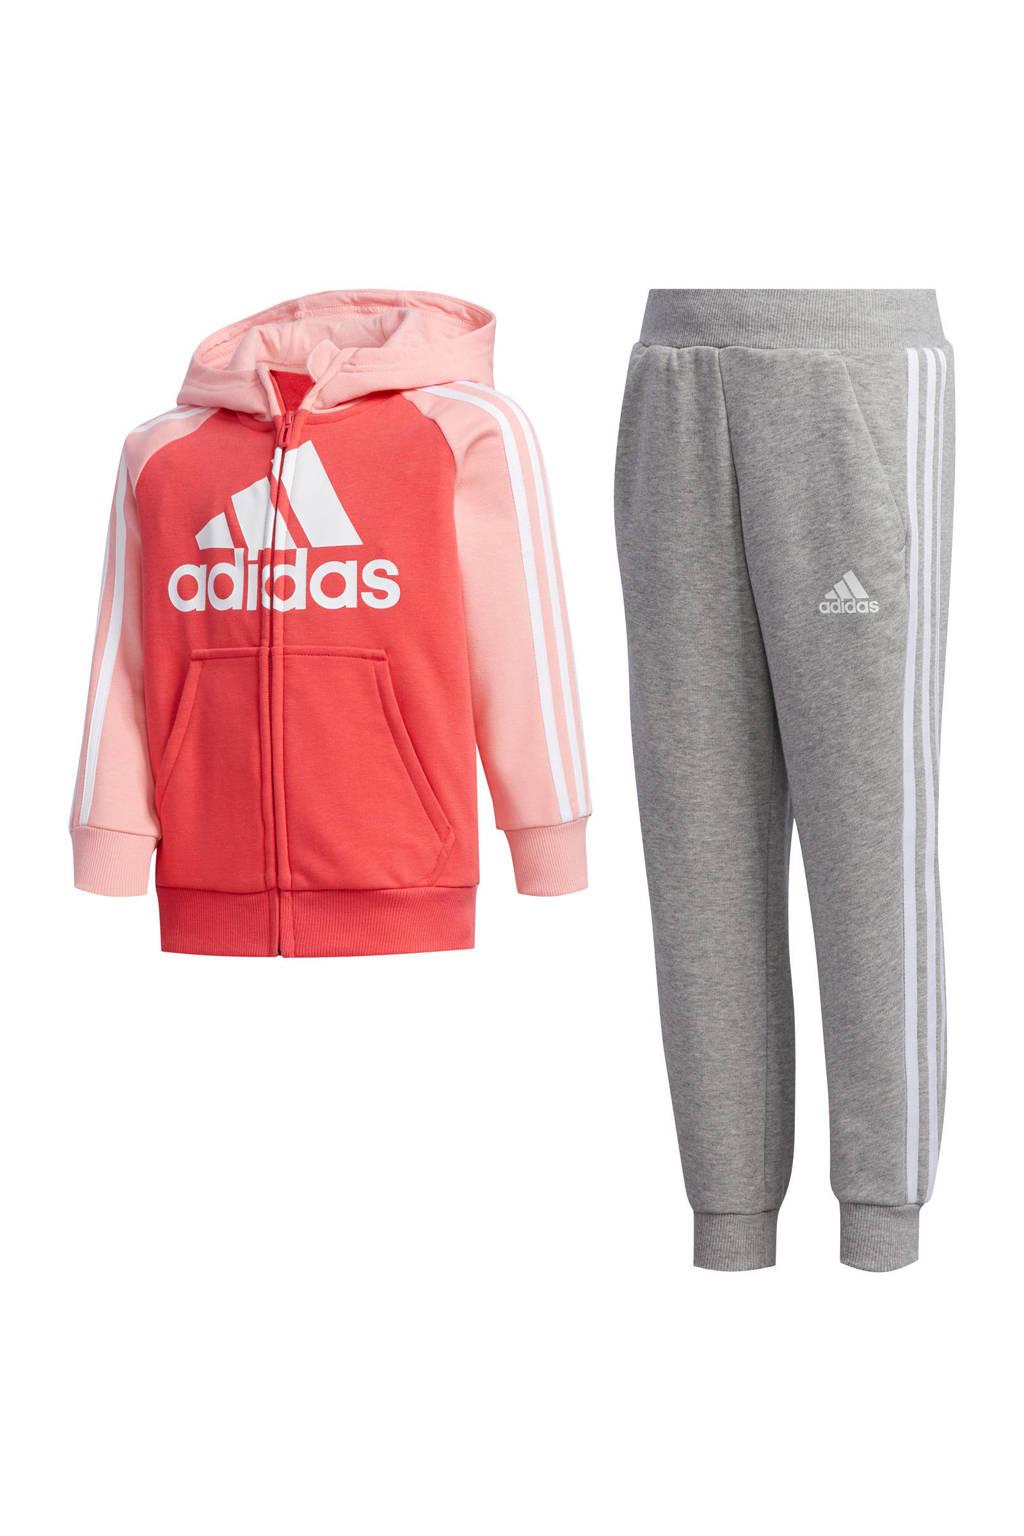 adidas joggingpak roze/grijs, Roze/grijs